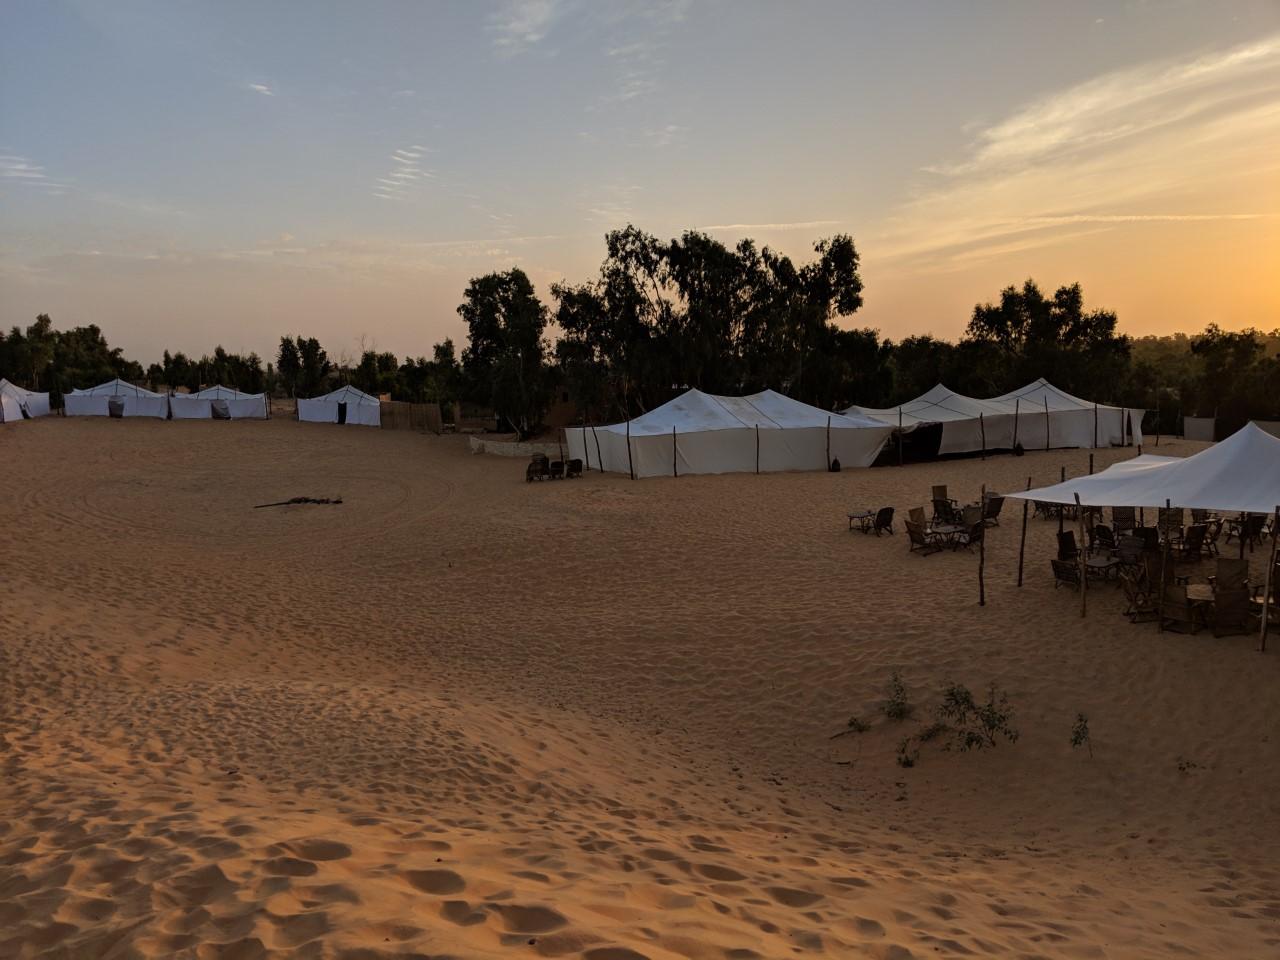 senegal7 - Follow Me On My Trip To Senegal